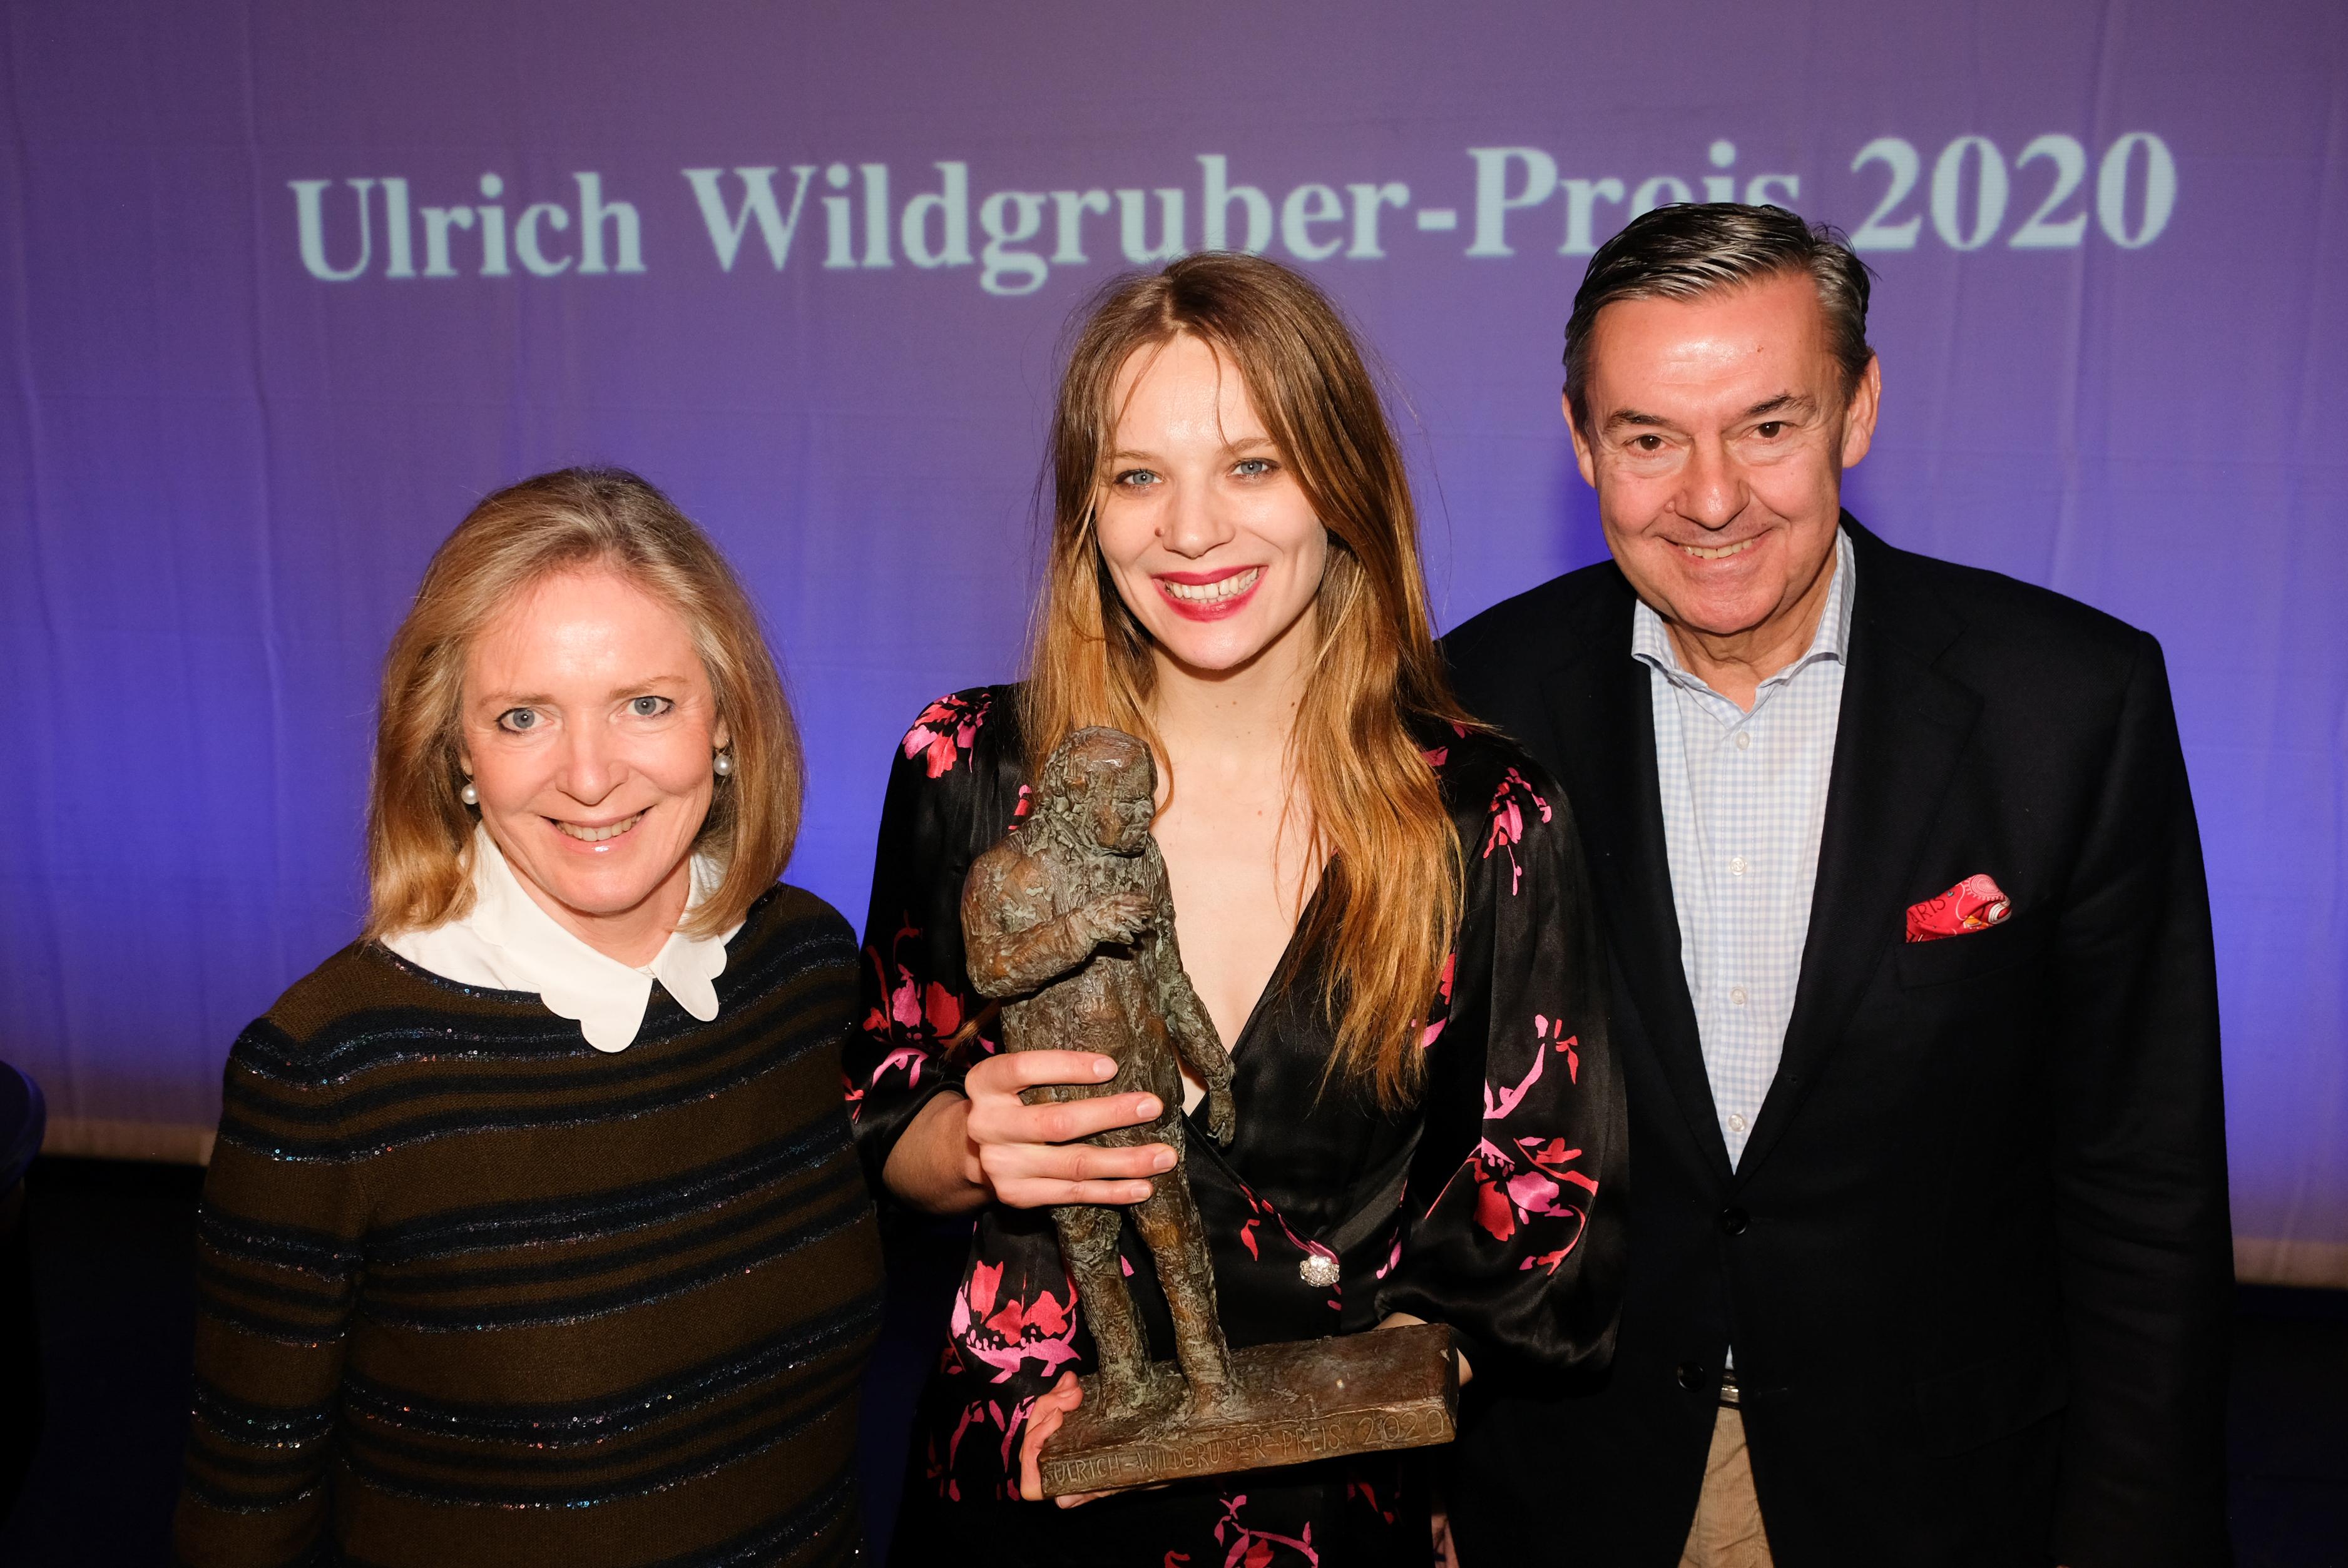 Verleihung Ulrich-Wildgruber-Preis 2020 - Cornelia Behrendt und Michael Behrendt (Hapag-Lloyd Stiftung) mit der Preisträgerin Lilith Stangenberg